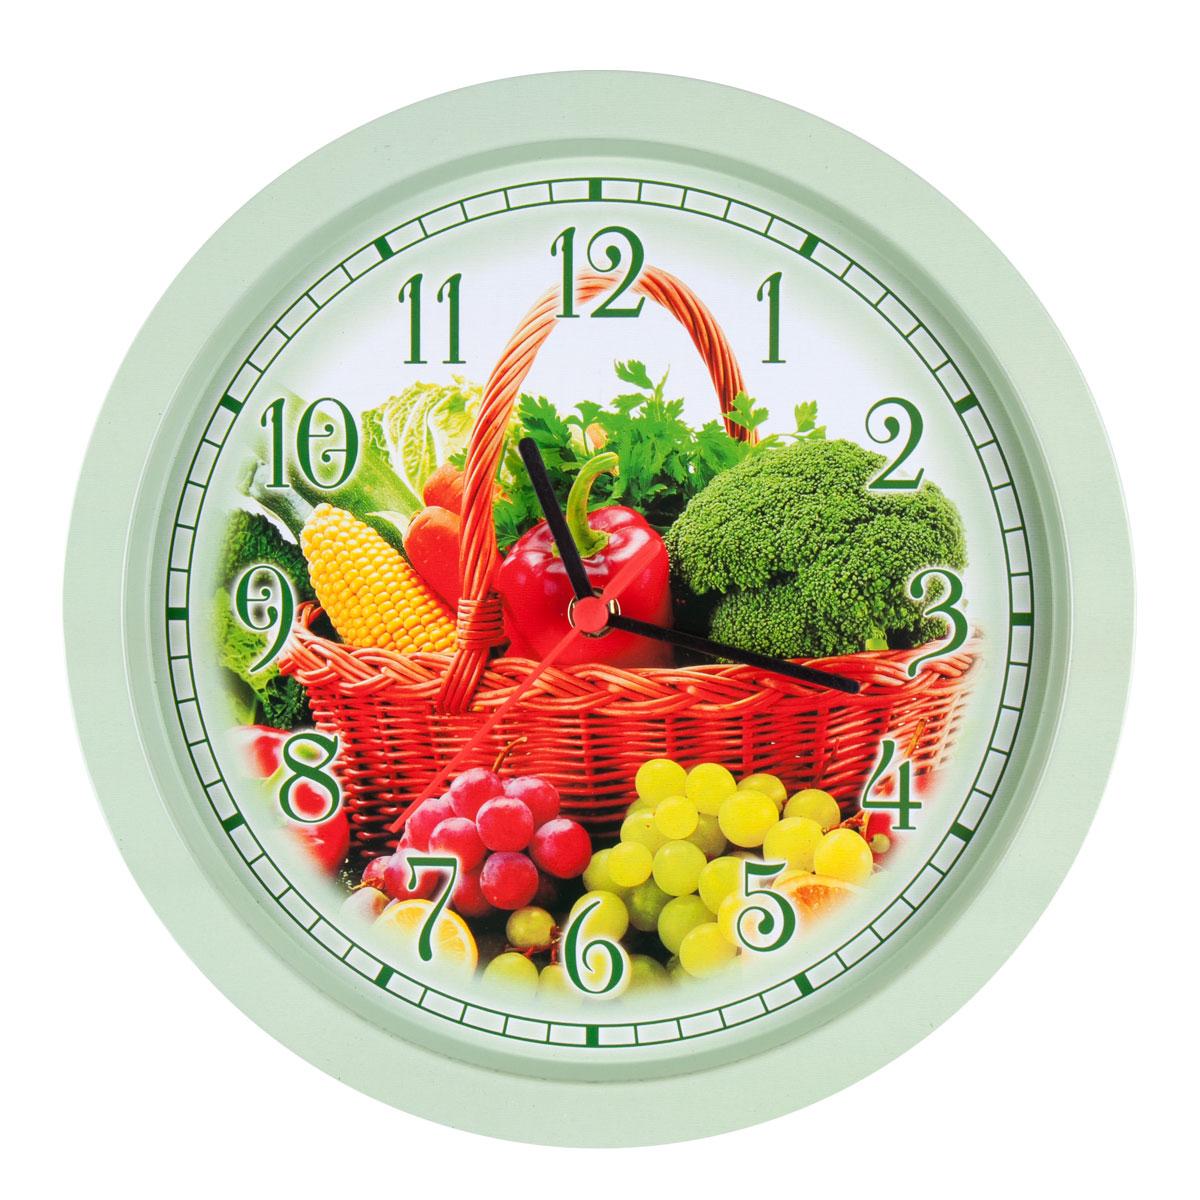 Часы настенные Miolla ОвощиCH003Оригинальные настенные часы круглой формы Miolla Овощи выполнены из металла. Часы имеют три стрелки - часовую, минутную и секундную. Необычное дизайнерское решение и качество исполнения придутся по вкусу каждому. Оформите свой дом таким интерьерным аксессуаром или преподнесите его в качестве презента друзьям, и они оценят ваш оригинальный вкус и неординарность подарка.Часы работают от 1 батарейки типа АА напряжением 1,5 В. Диаметр часов: 33 см.